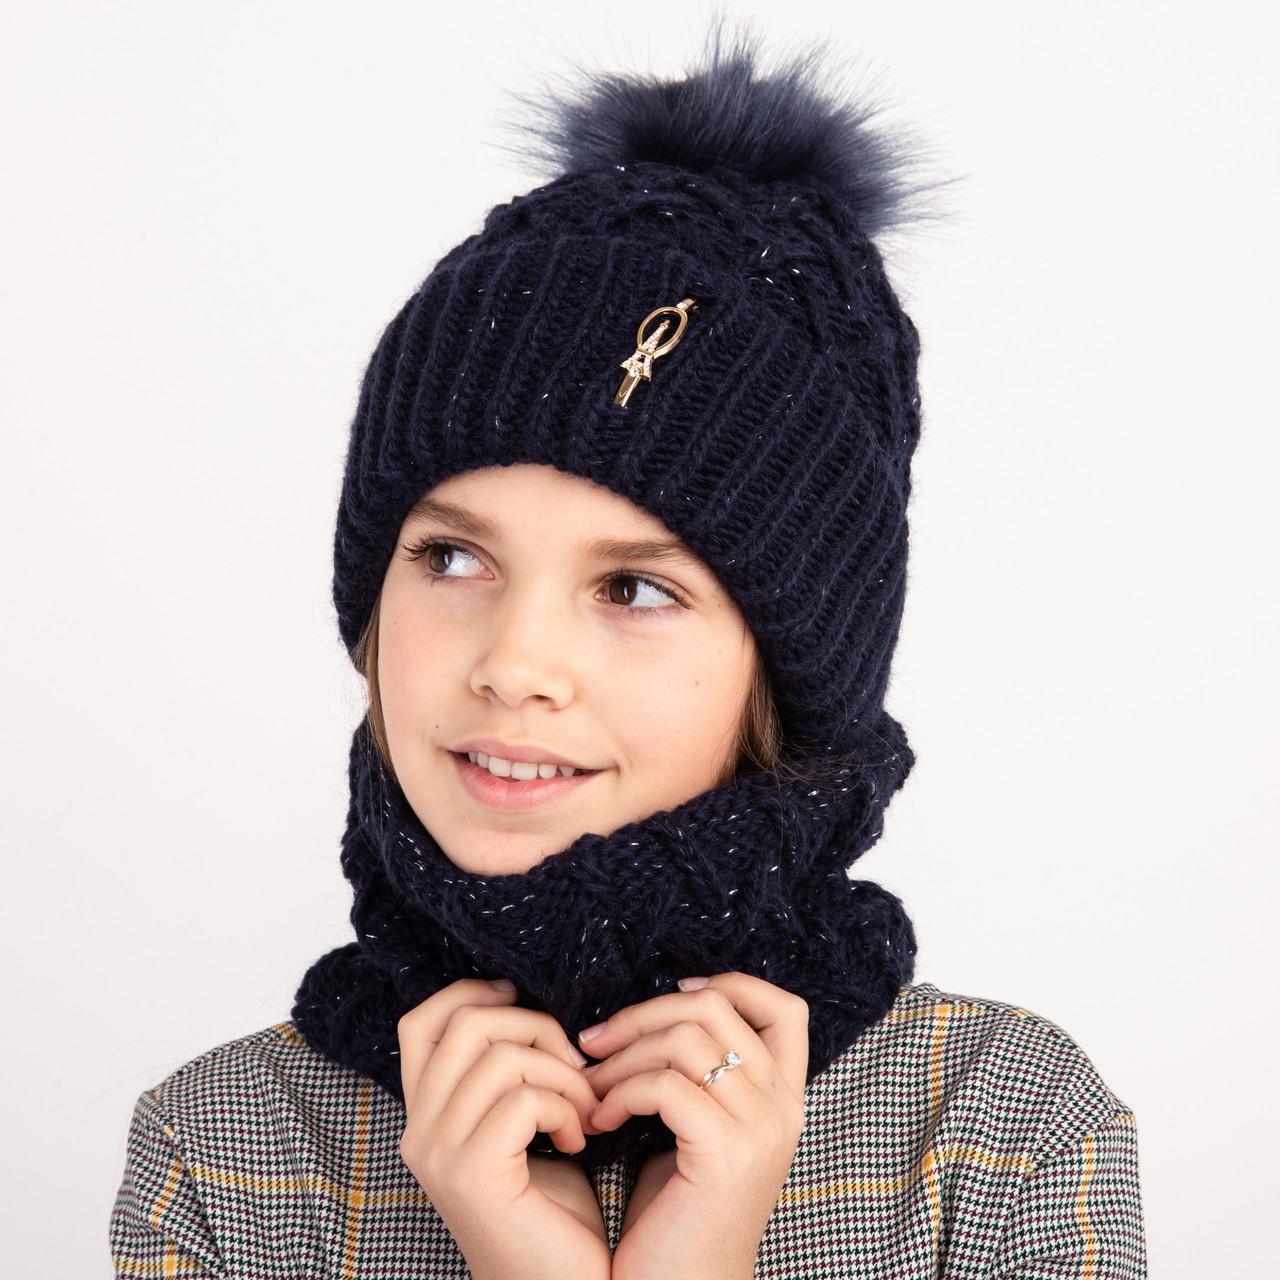 Модный вязанный комплект на зиму для девочки - Артикул 2401